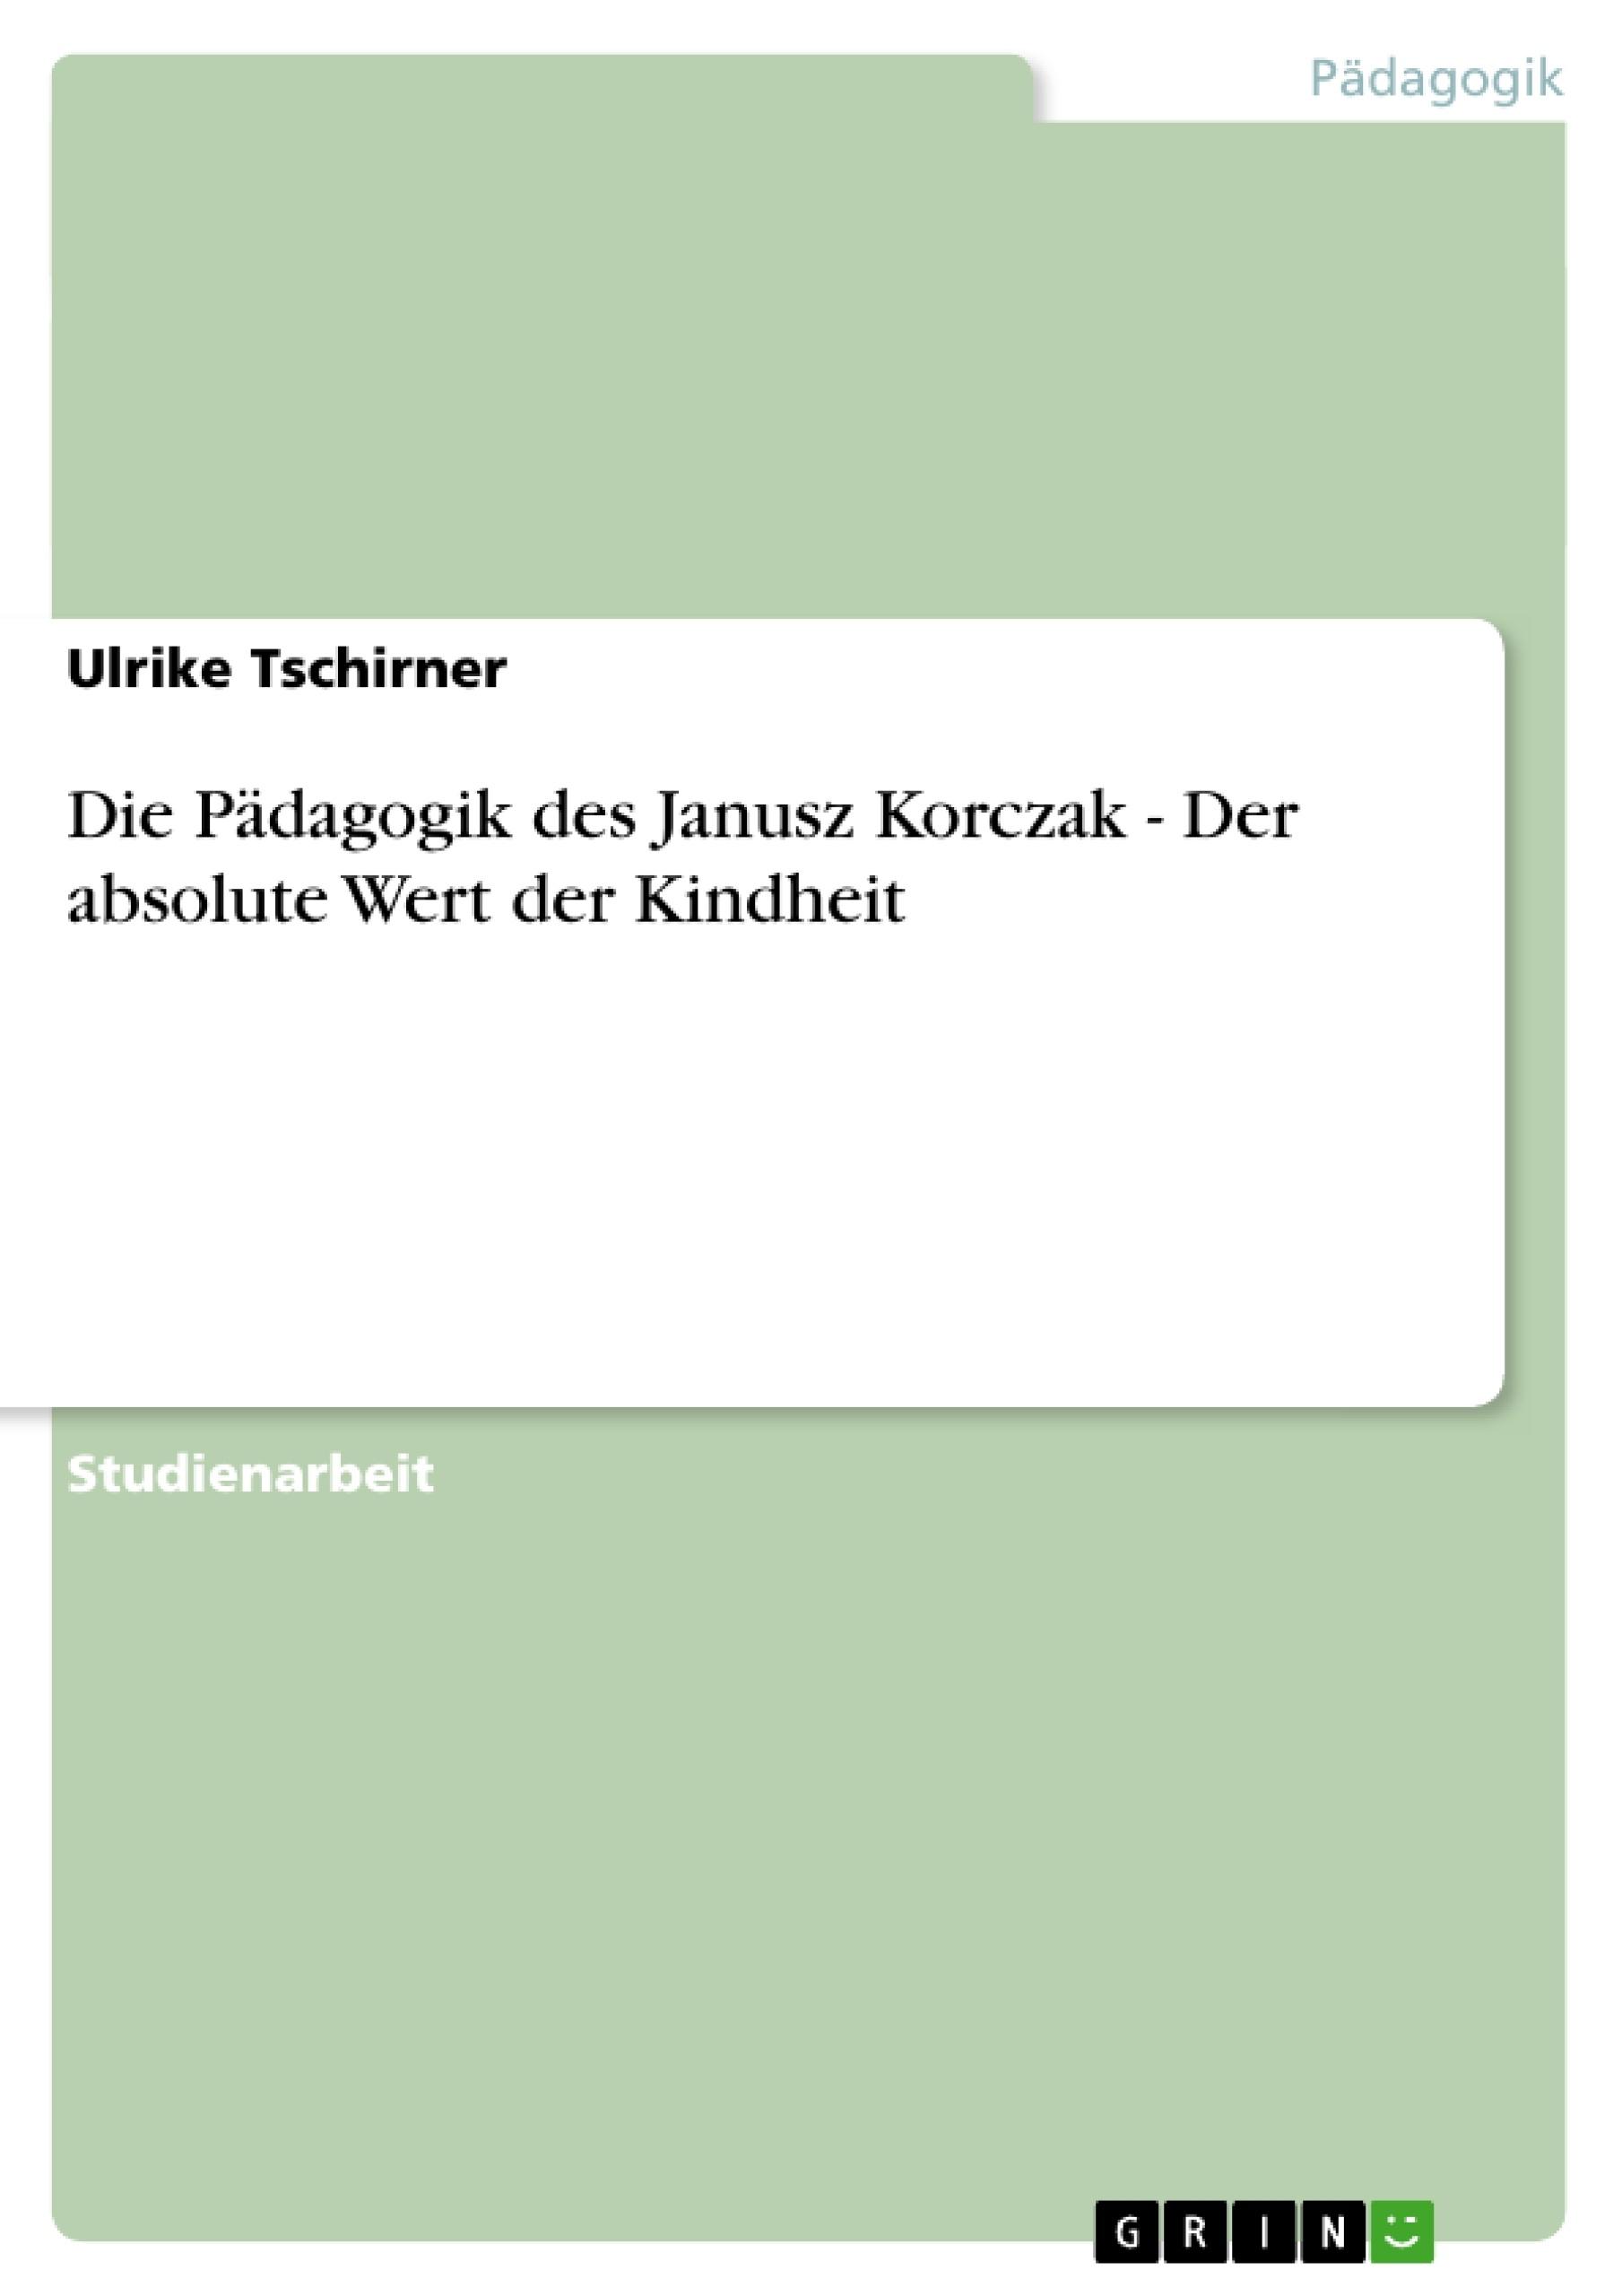 Titel: Die Pädagogik des Janusz Korczak - Der absolute Wert der Kindheit